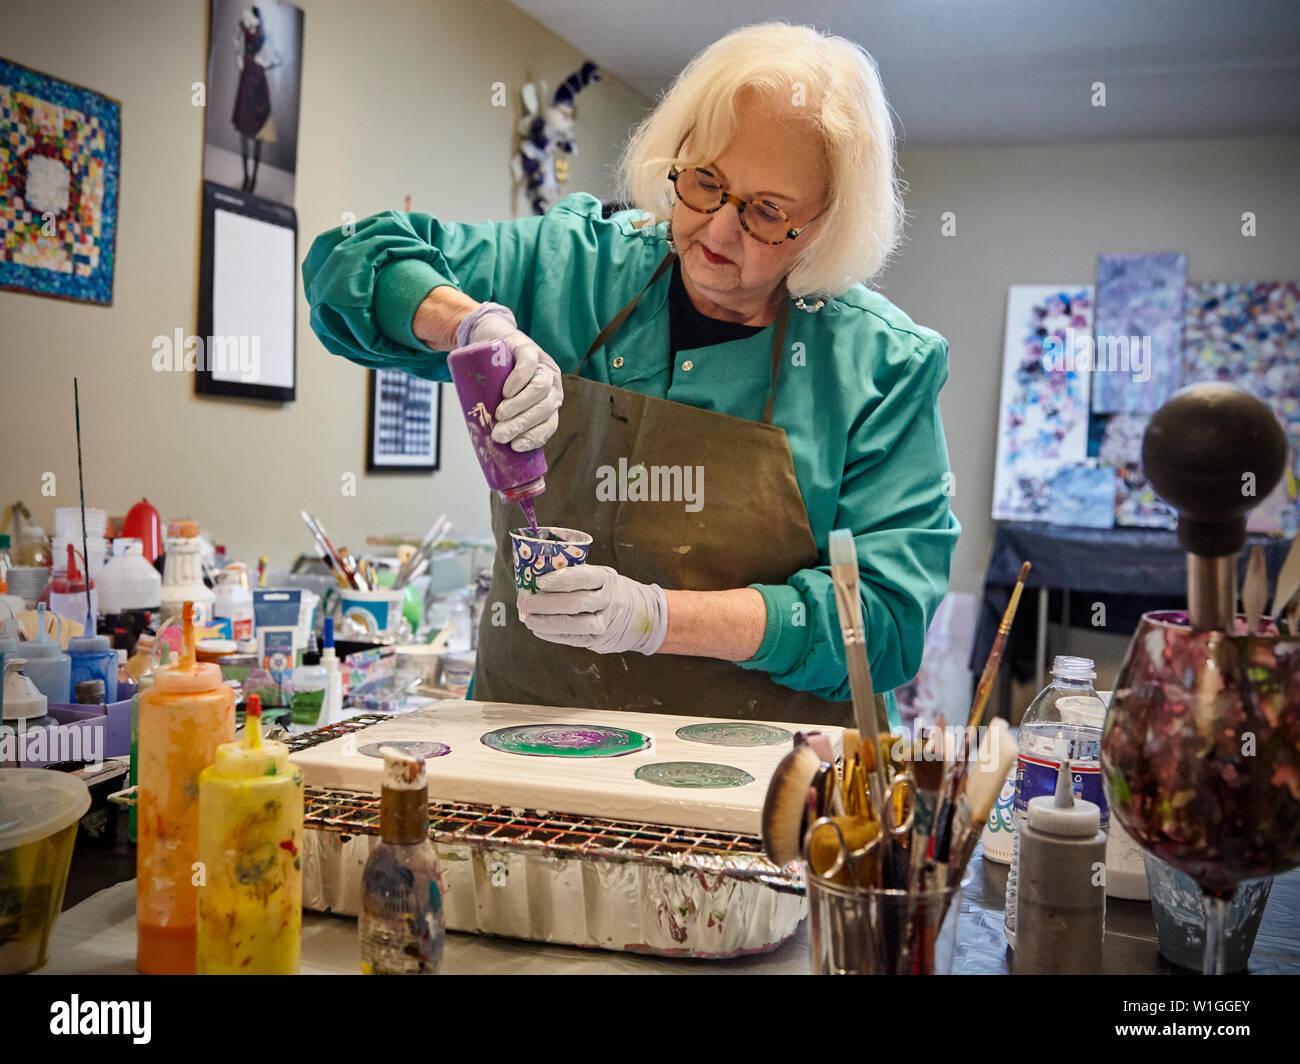 Pensionierte Dame erstellen Kunst in einem Home Studio Stockfoto